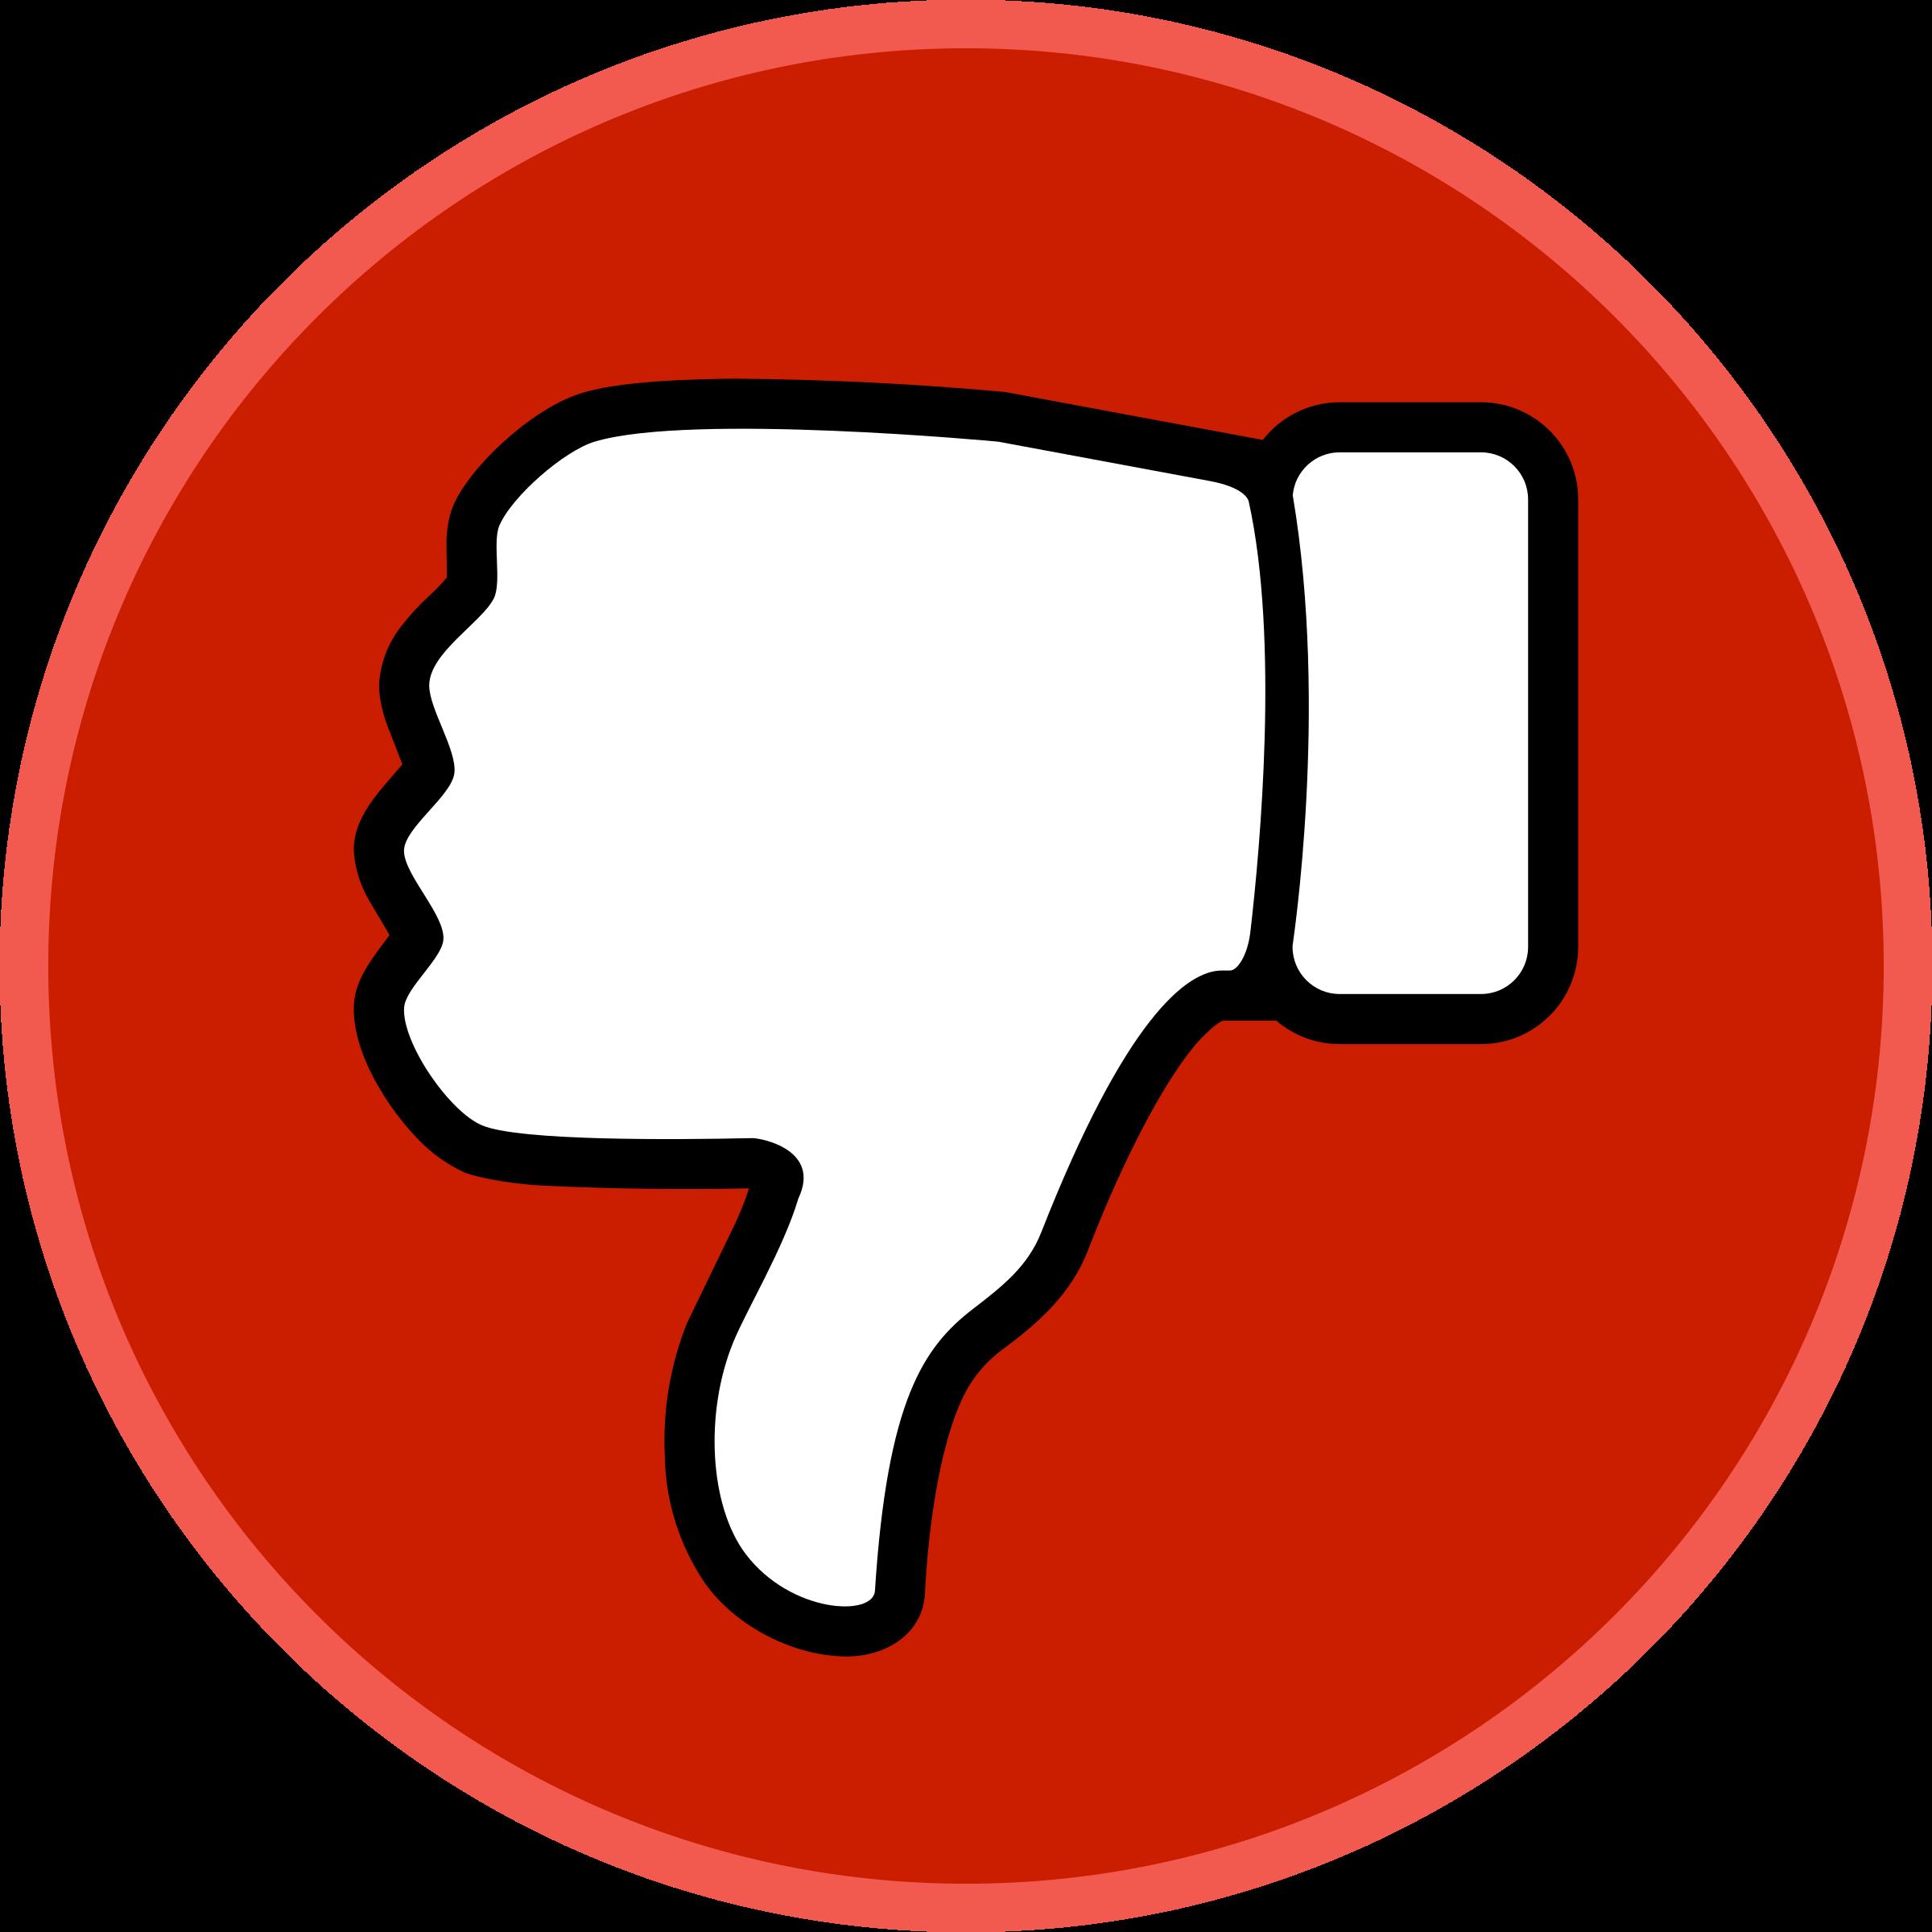 2400x2400 Youtube Dislike Vector Png